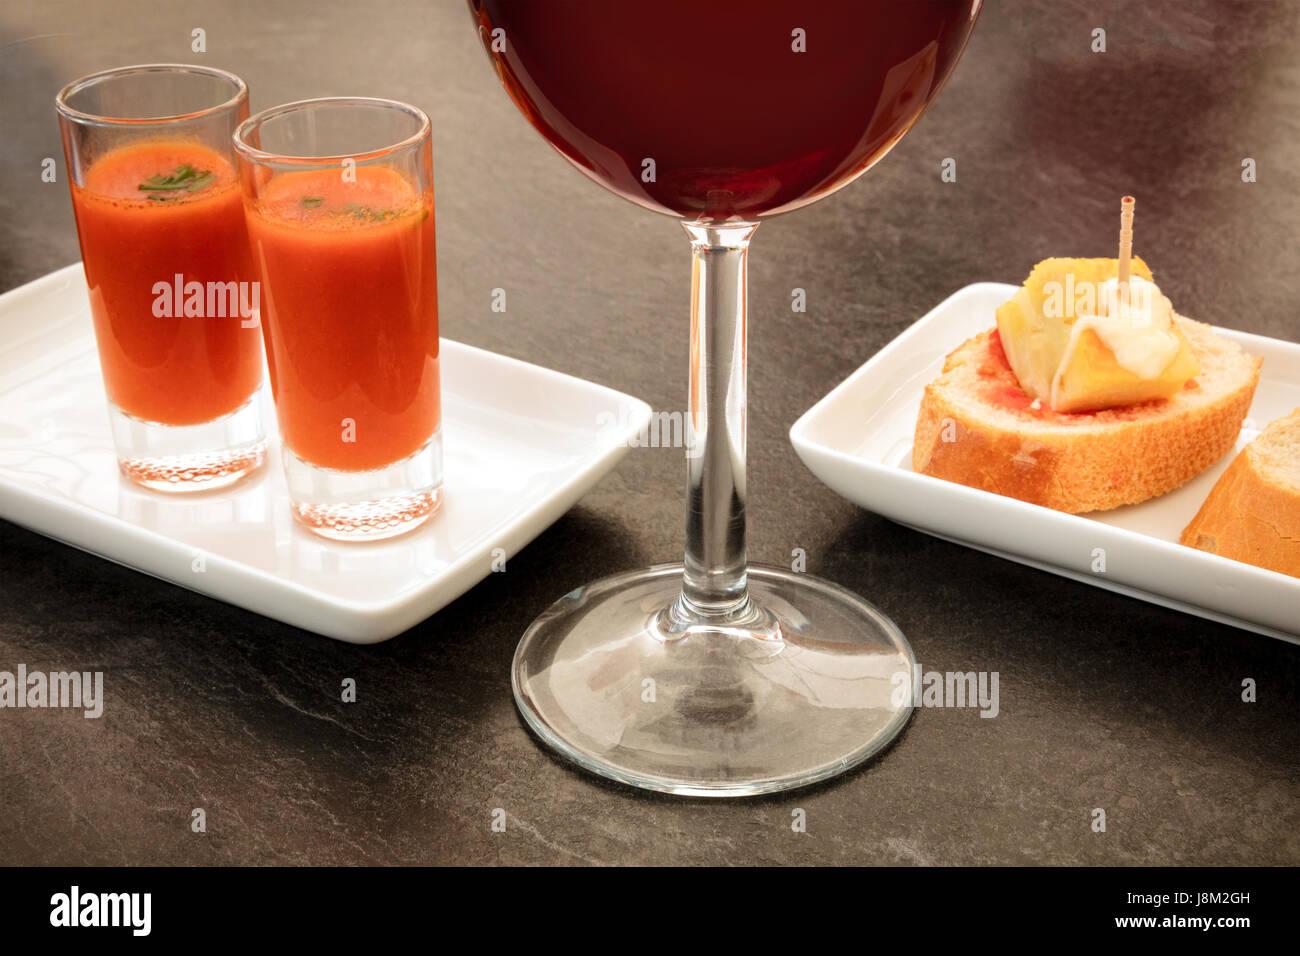 Tapas spagnole in un moderno bar. Un bicchiere di vino rosso, due colpi di gazpacho, freddo minestra di pomodoro Immagini Stock